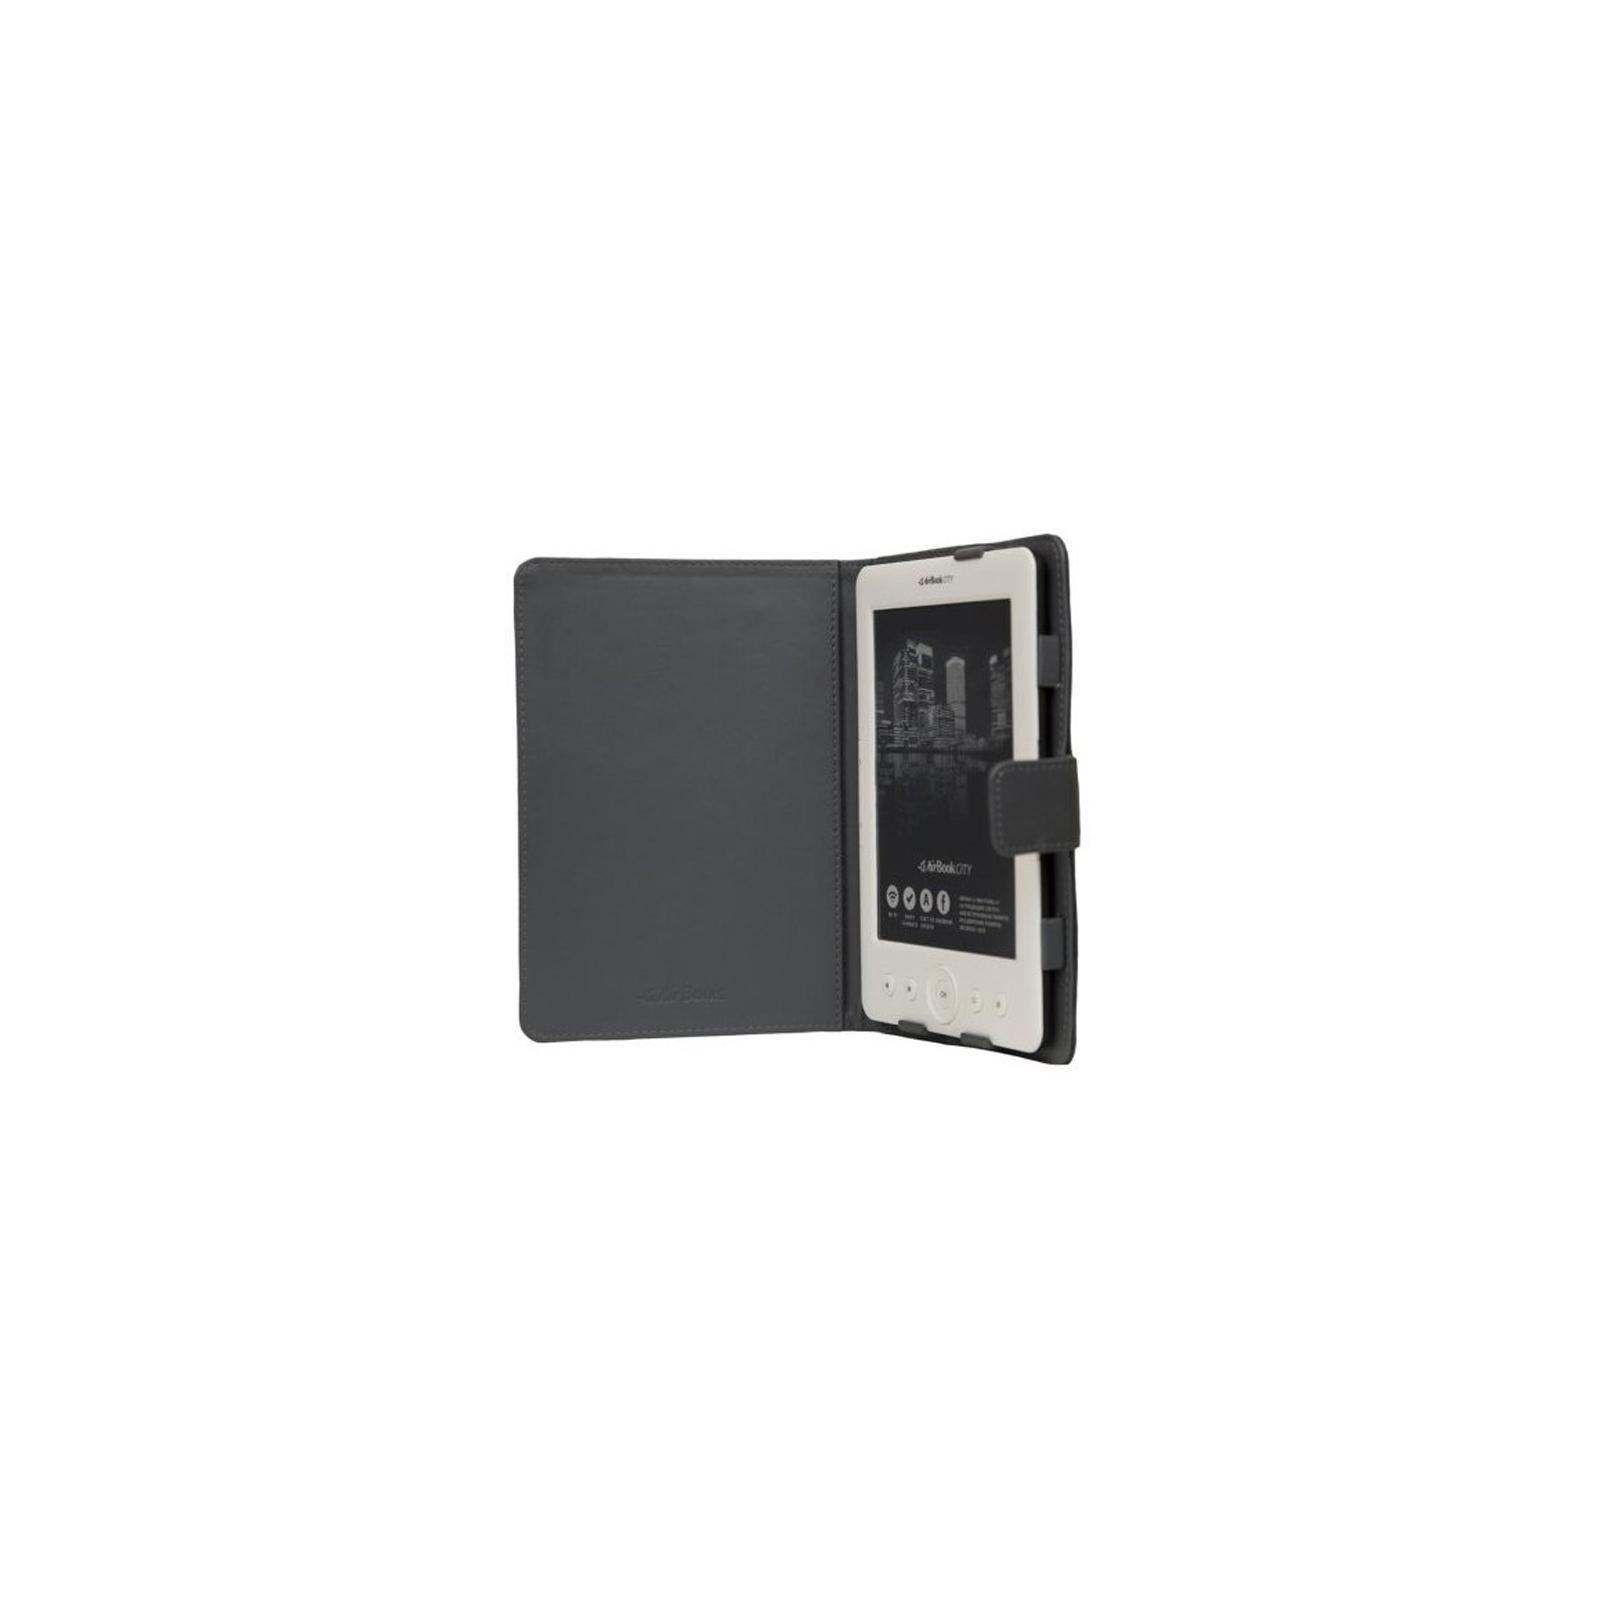 Чехол для электронной книги AirOn для AirBook City Light HD (6946795818014) изображение 3